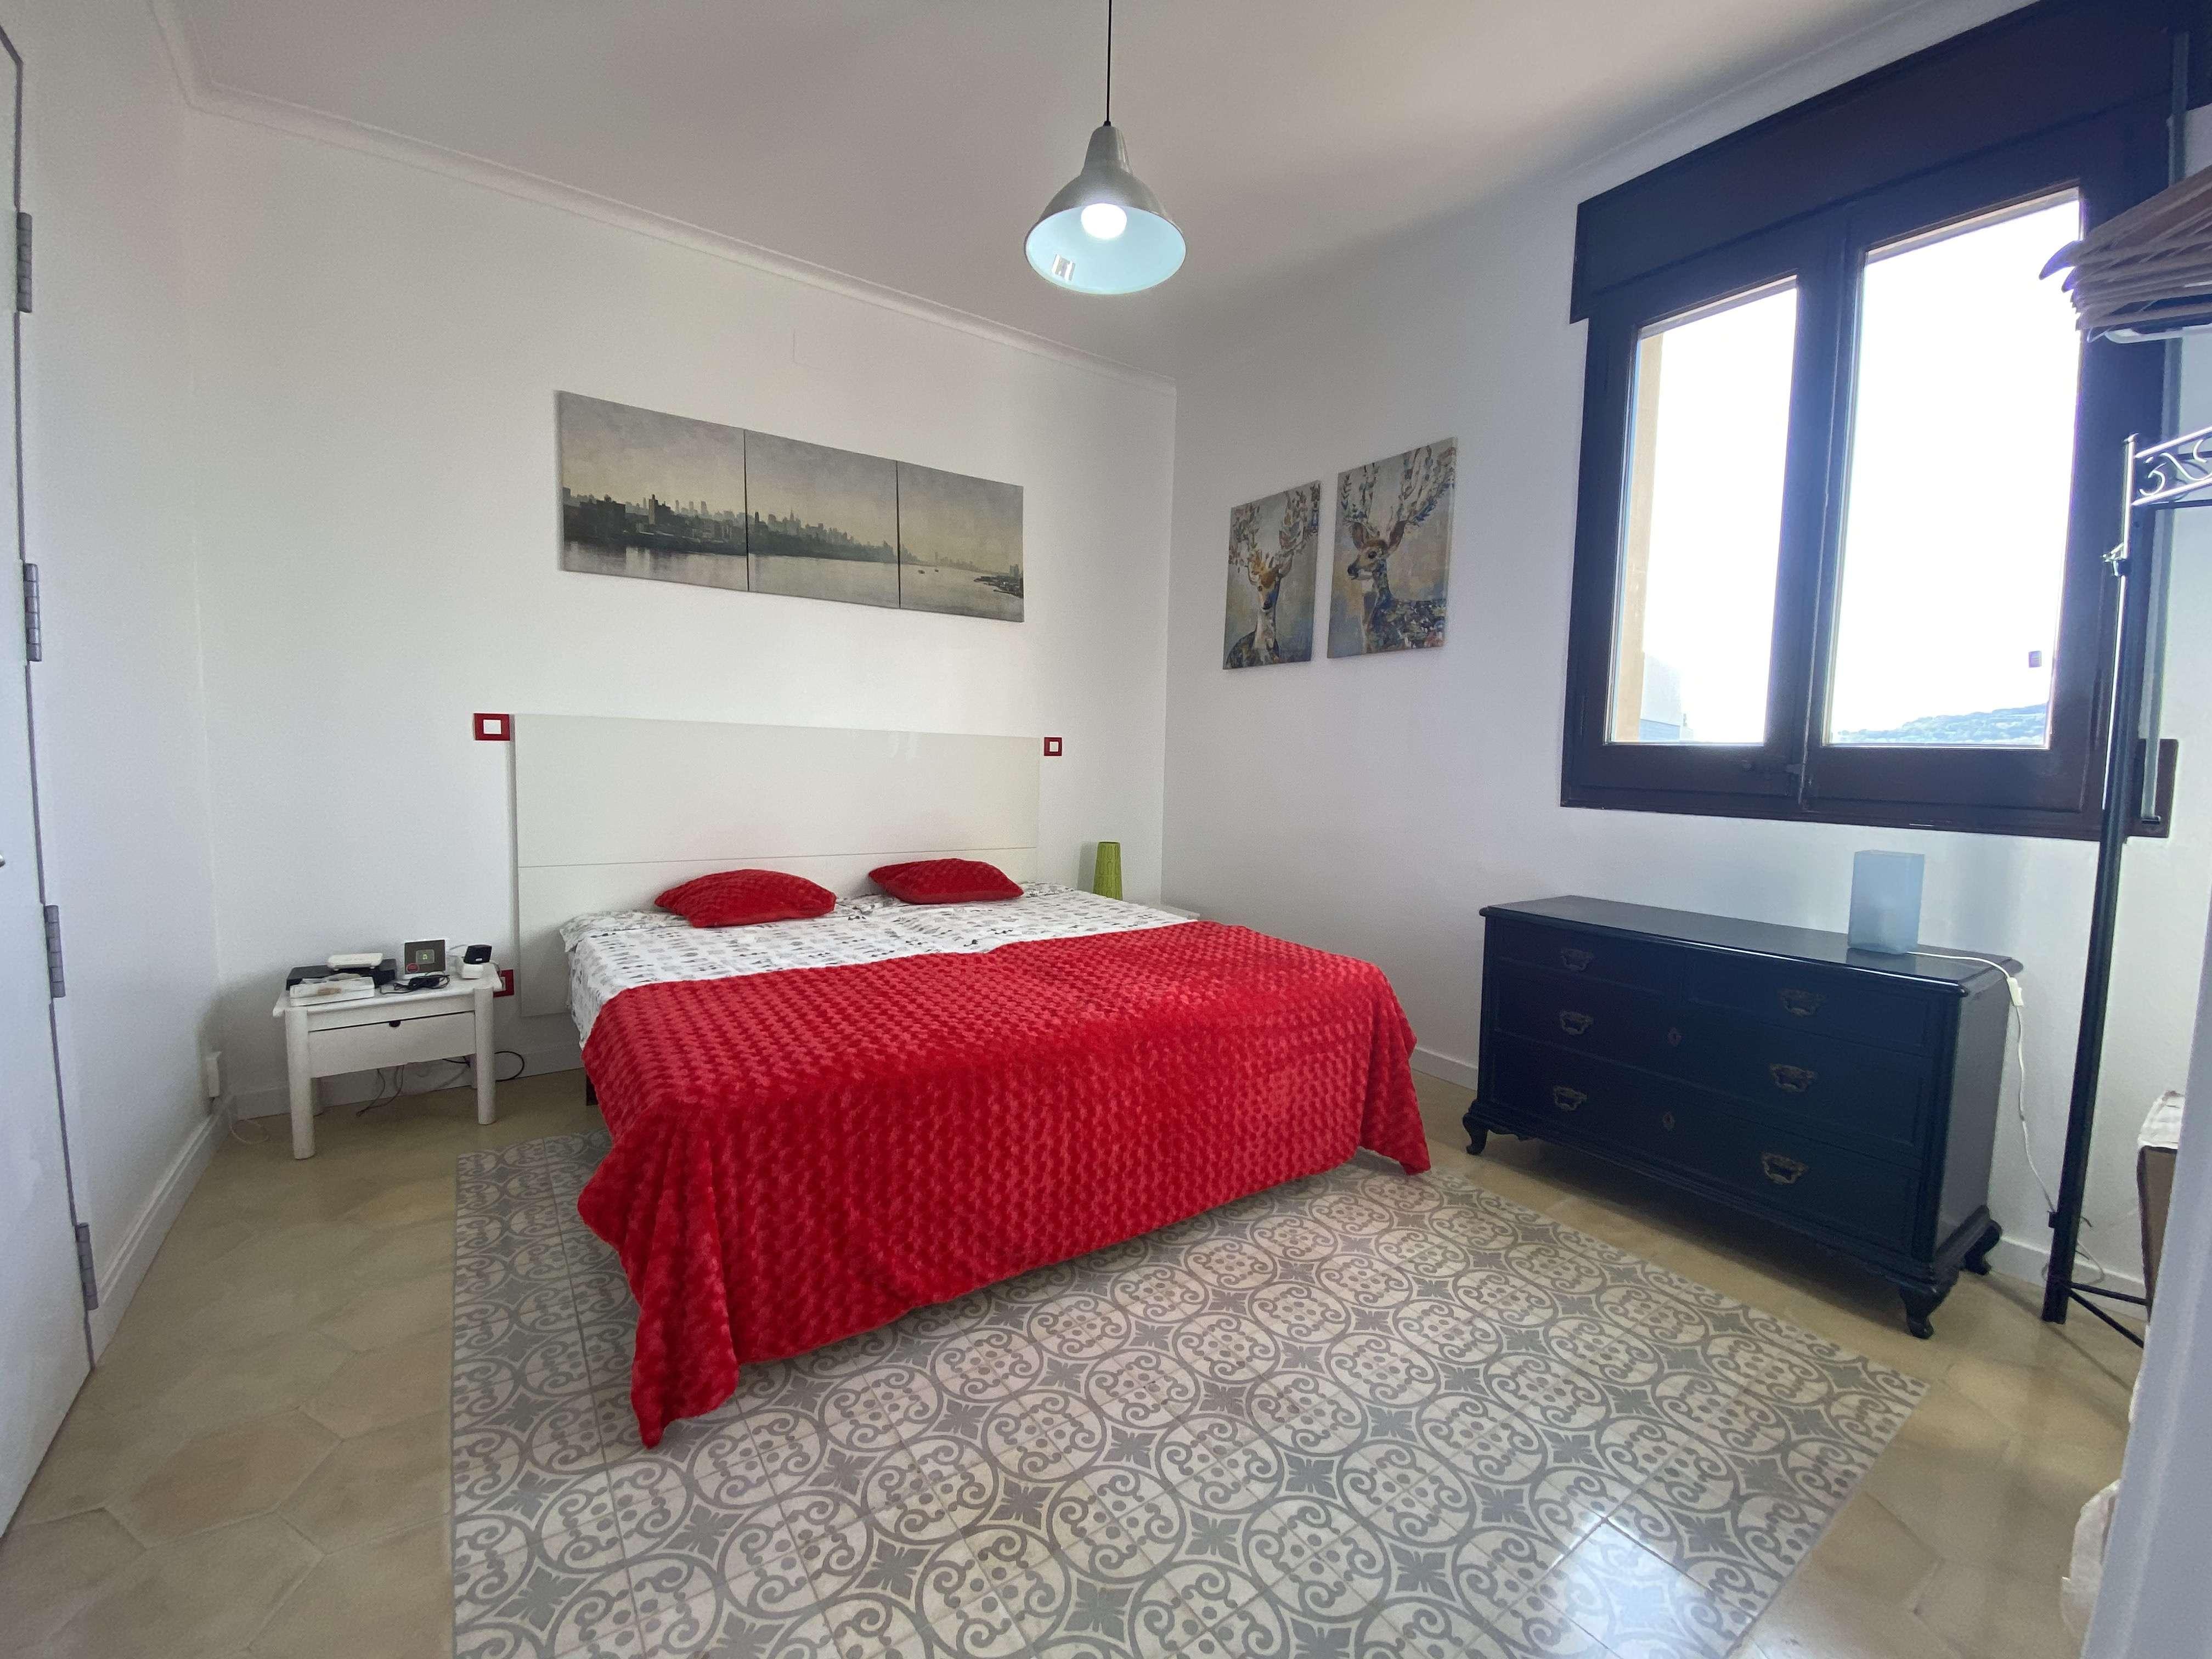 Квартира у Площади Каталонии